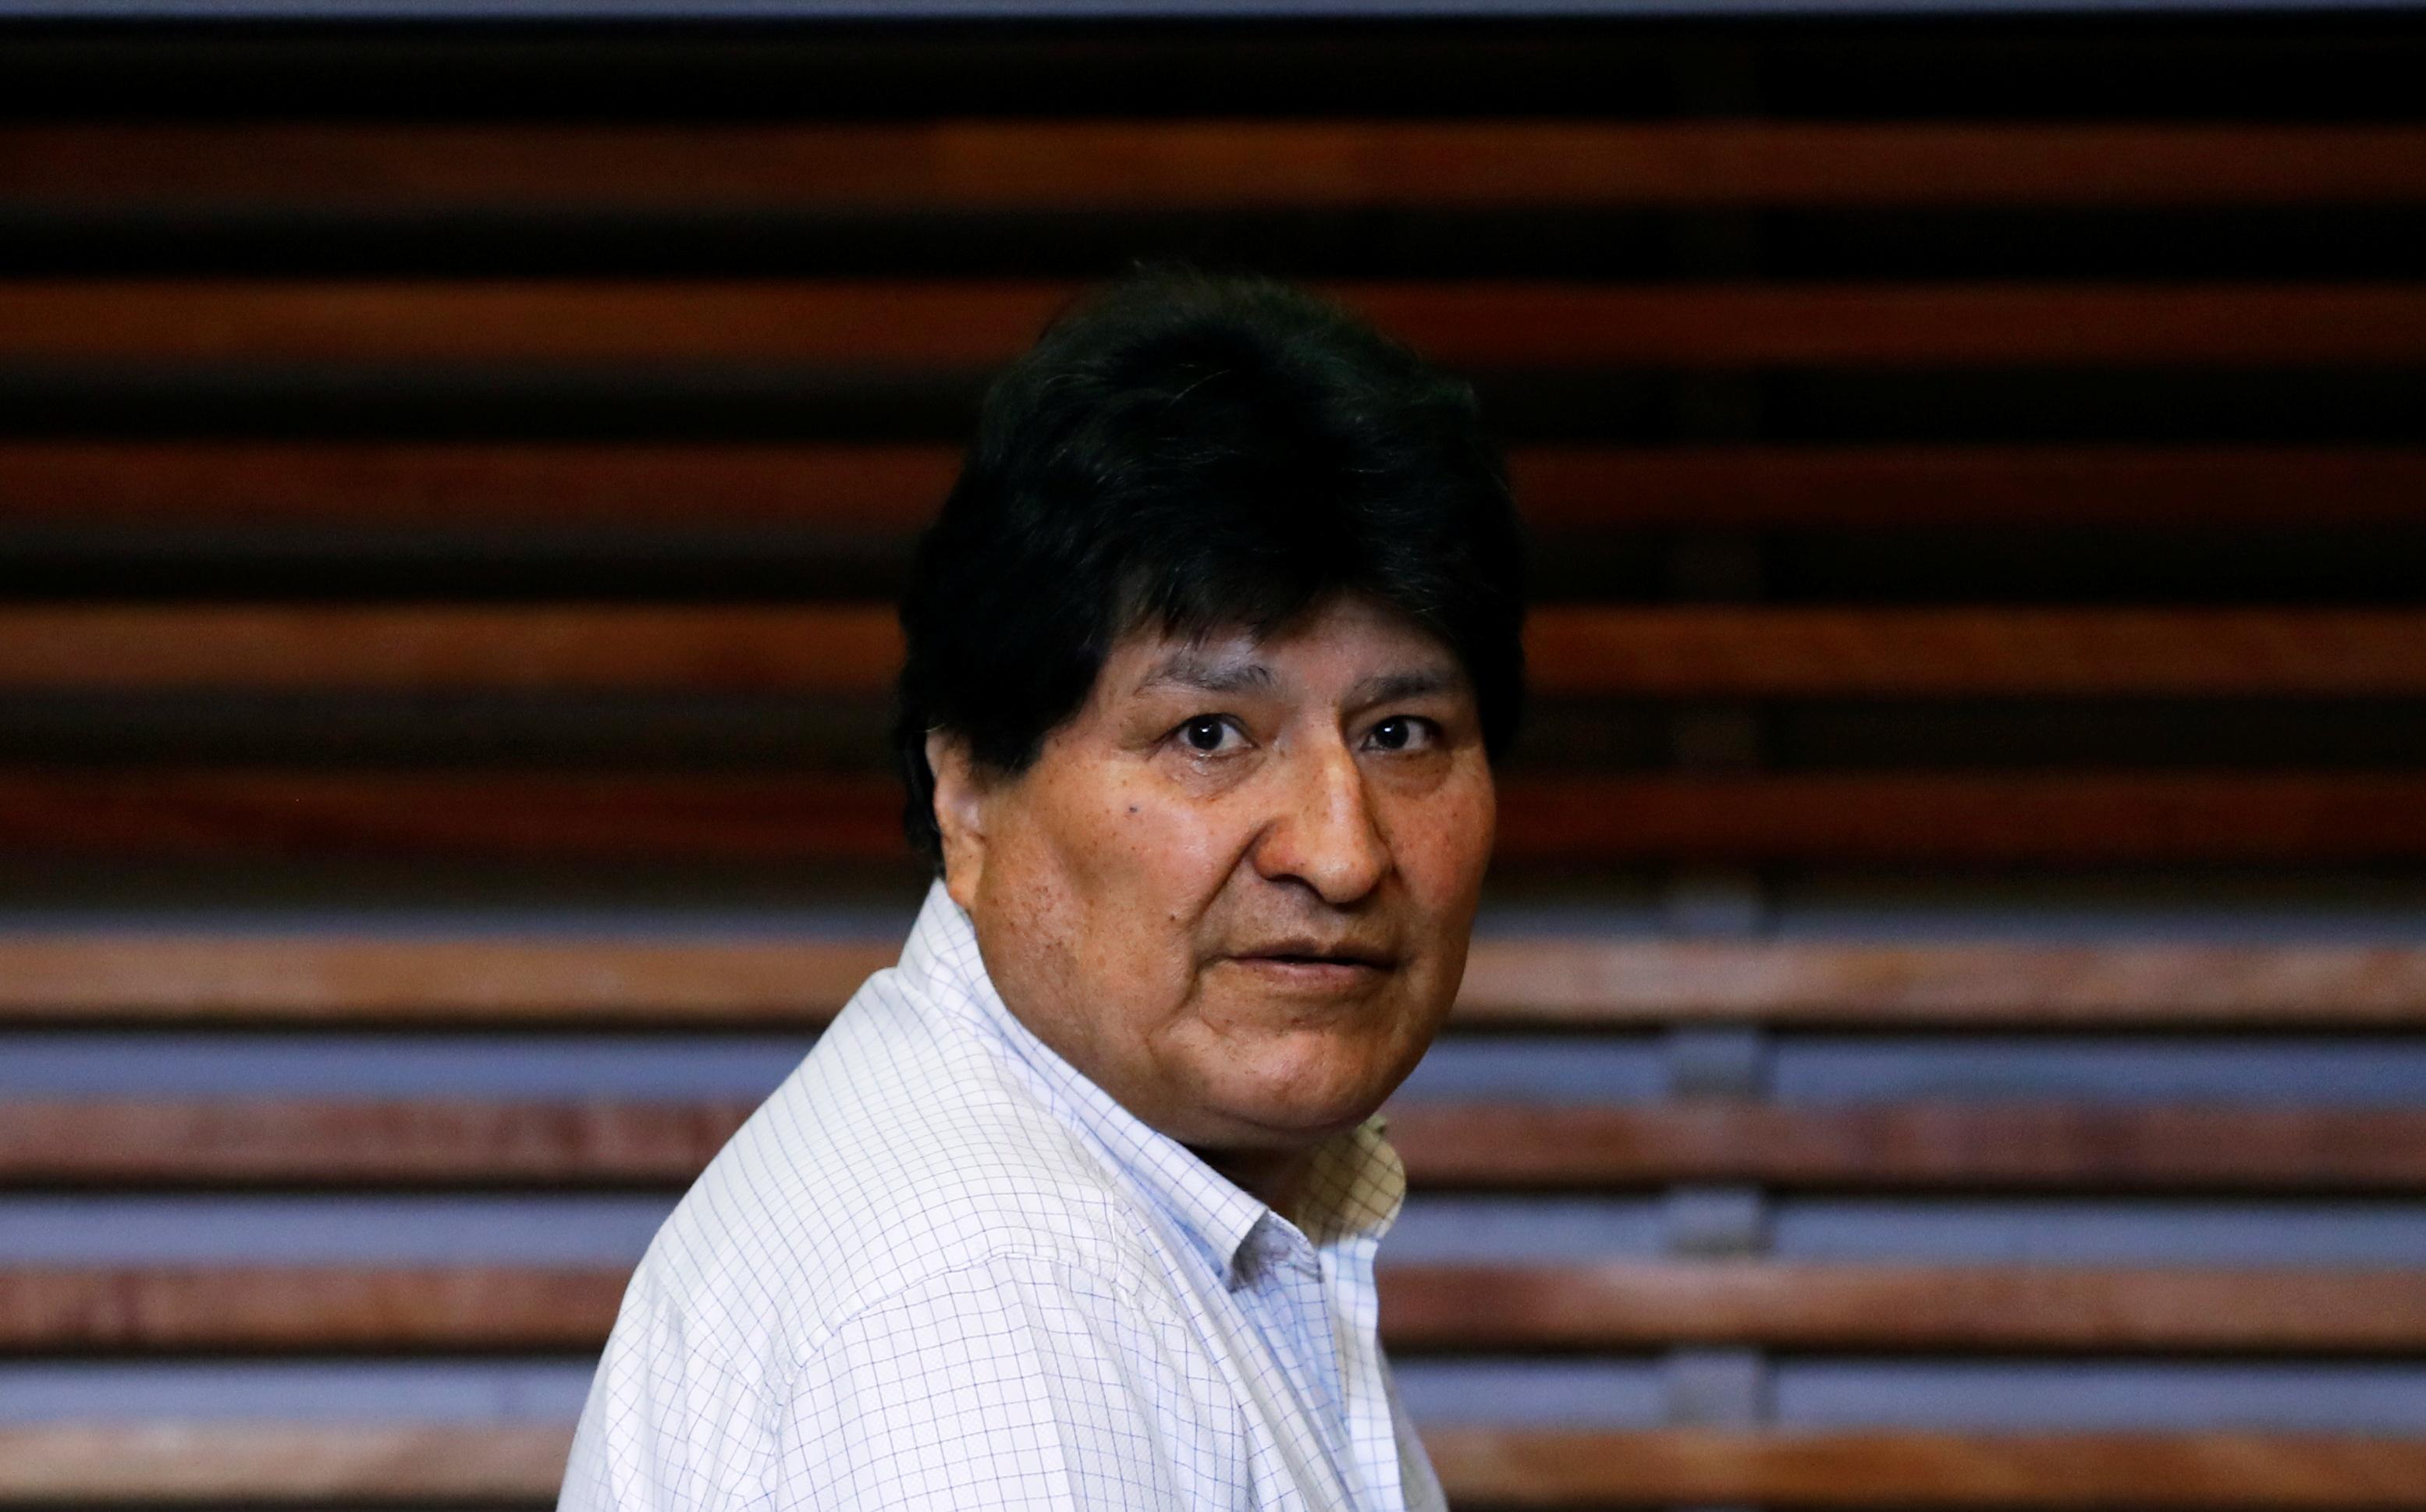 Depois de um ano exilado na Argentina, Evo Morales voltou à Bolívia